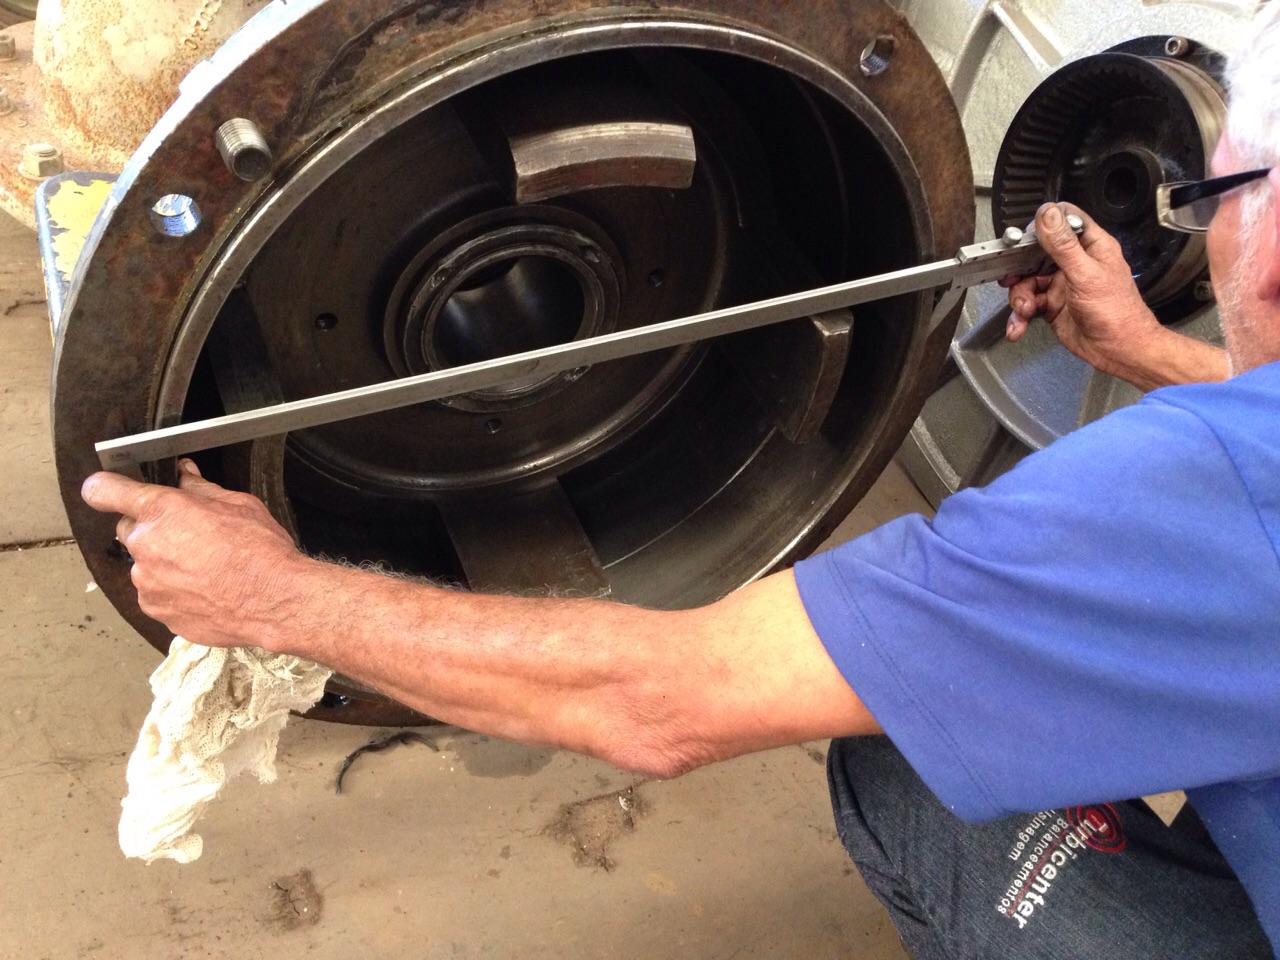 medição das partes após desmontagem - LADO 1 com folga de 01 mm e LADO 2 com folga de 0,5 mm